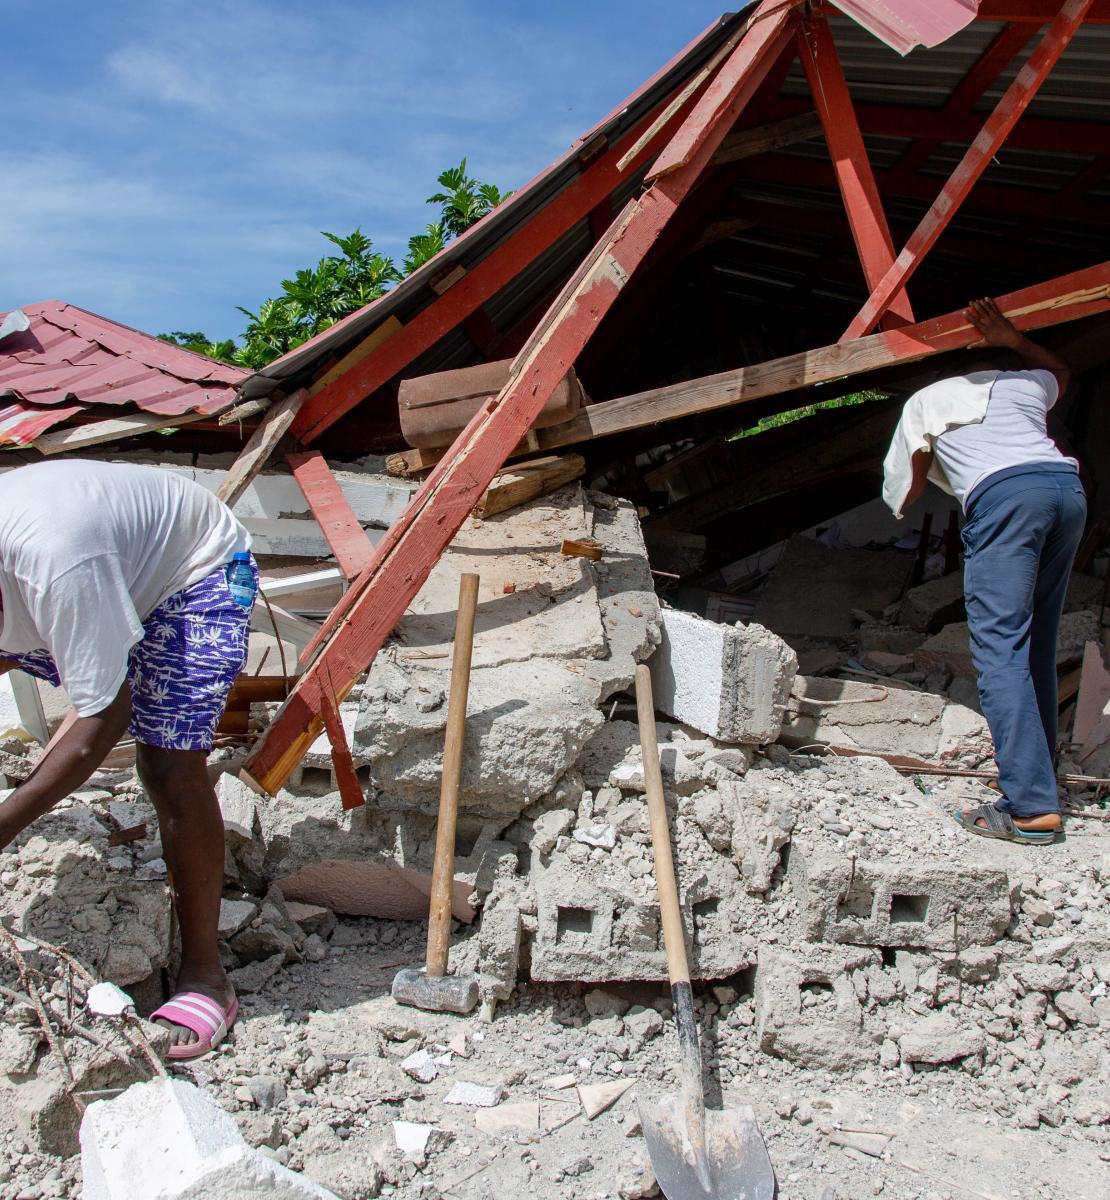 رجلان يتفحصان أنقاض مبنى منهار بعد الزلزال الذي بلغت قوته 7.2 درجة.